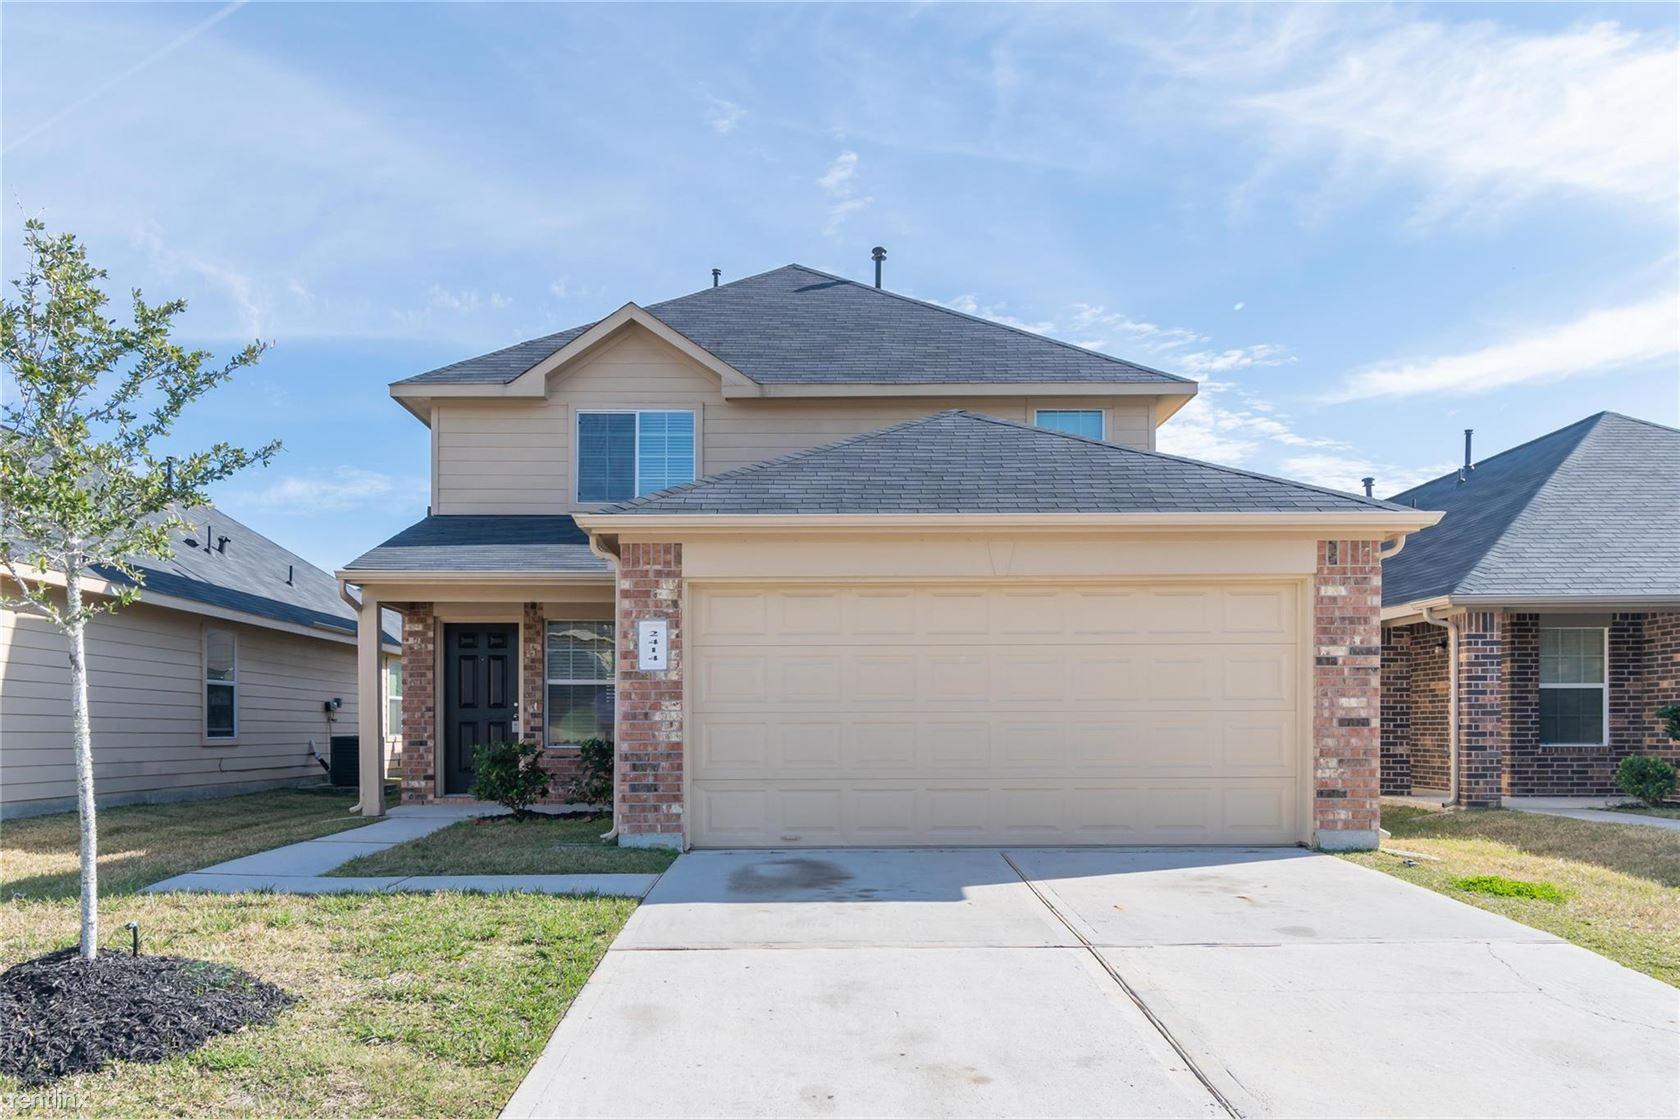 2414 W Werrington Way, Houston, TX - $1,570